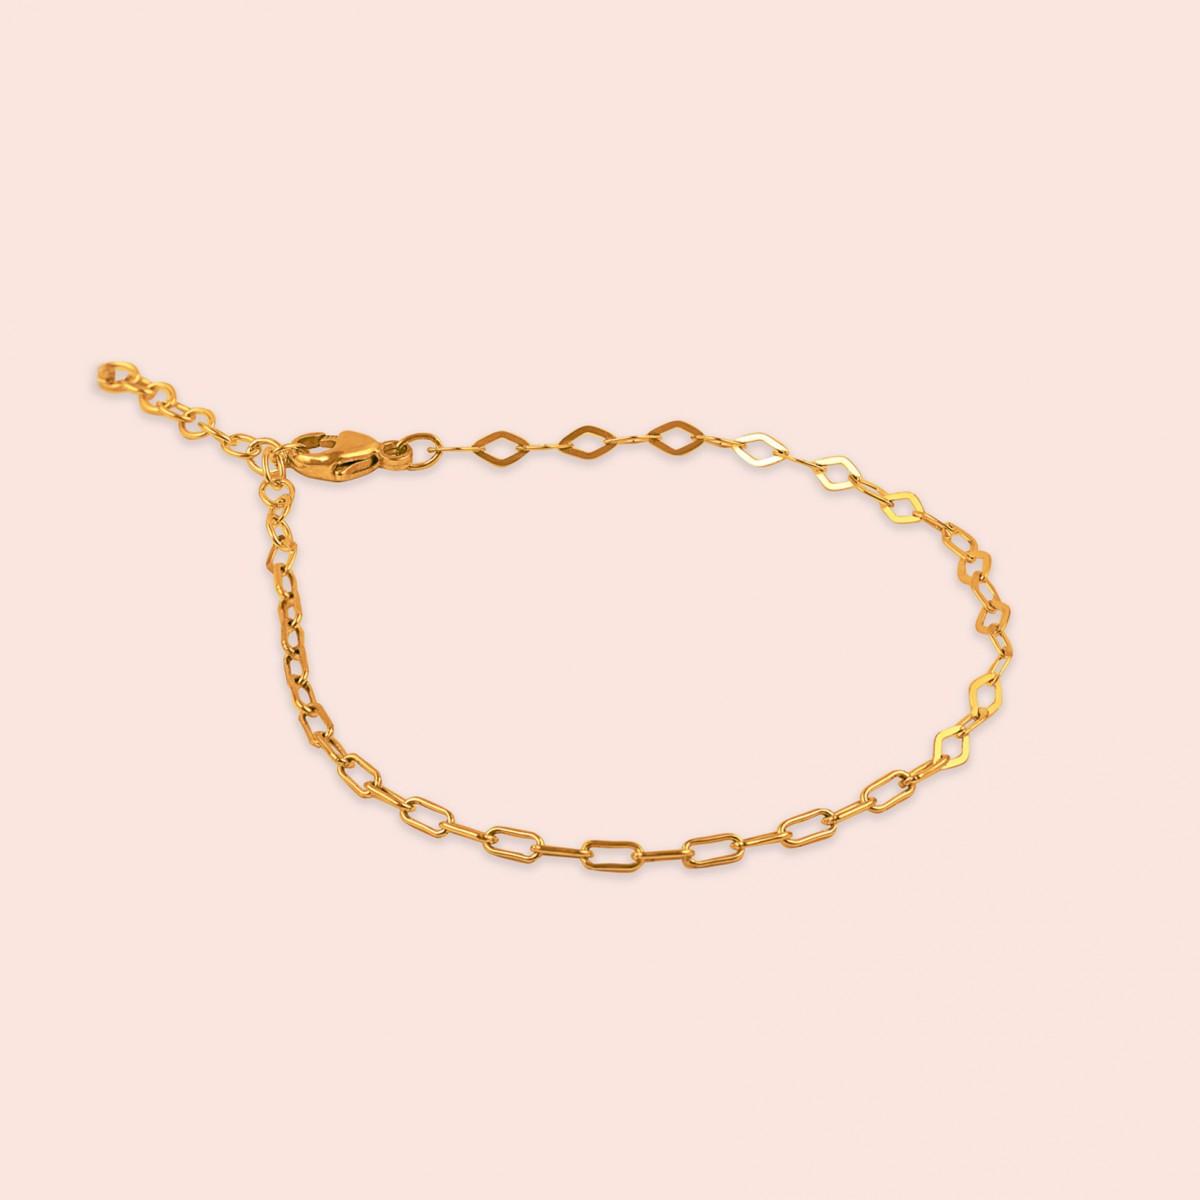 related by objects - just diamonds bracelet - 925 Sterlingsilber 18k goldplattiert